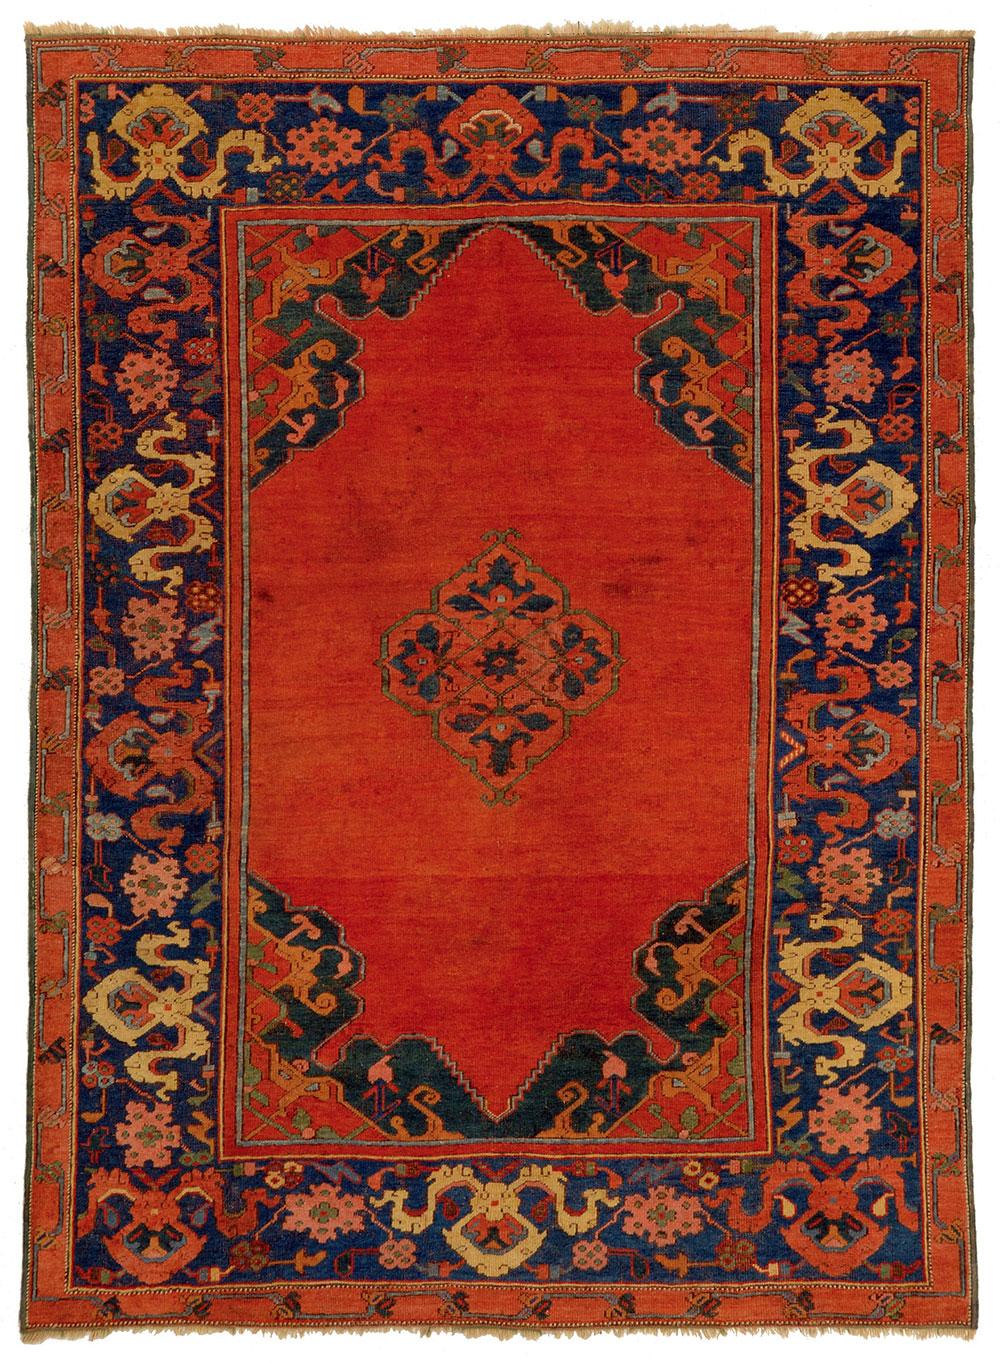 Amos Gitai Ushak Carpet